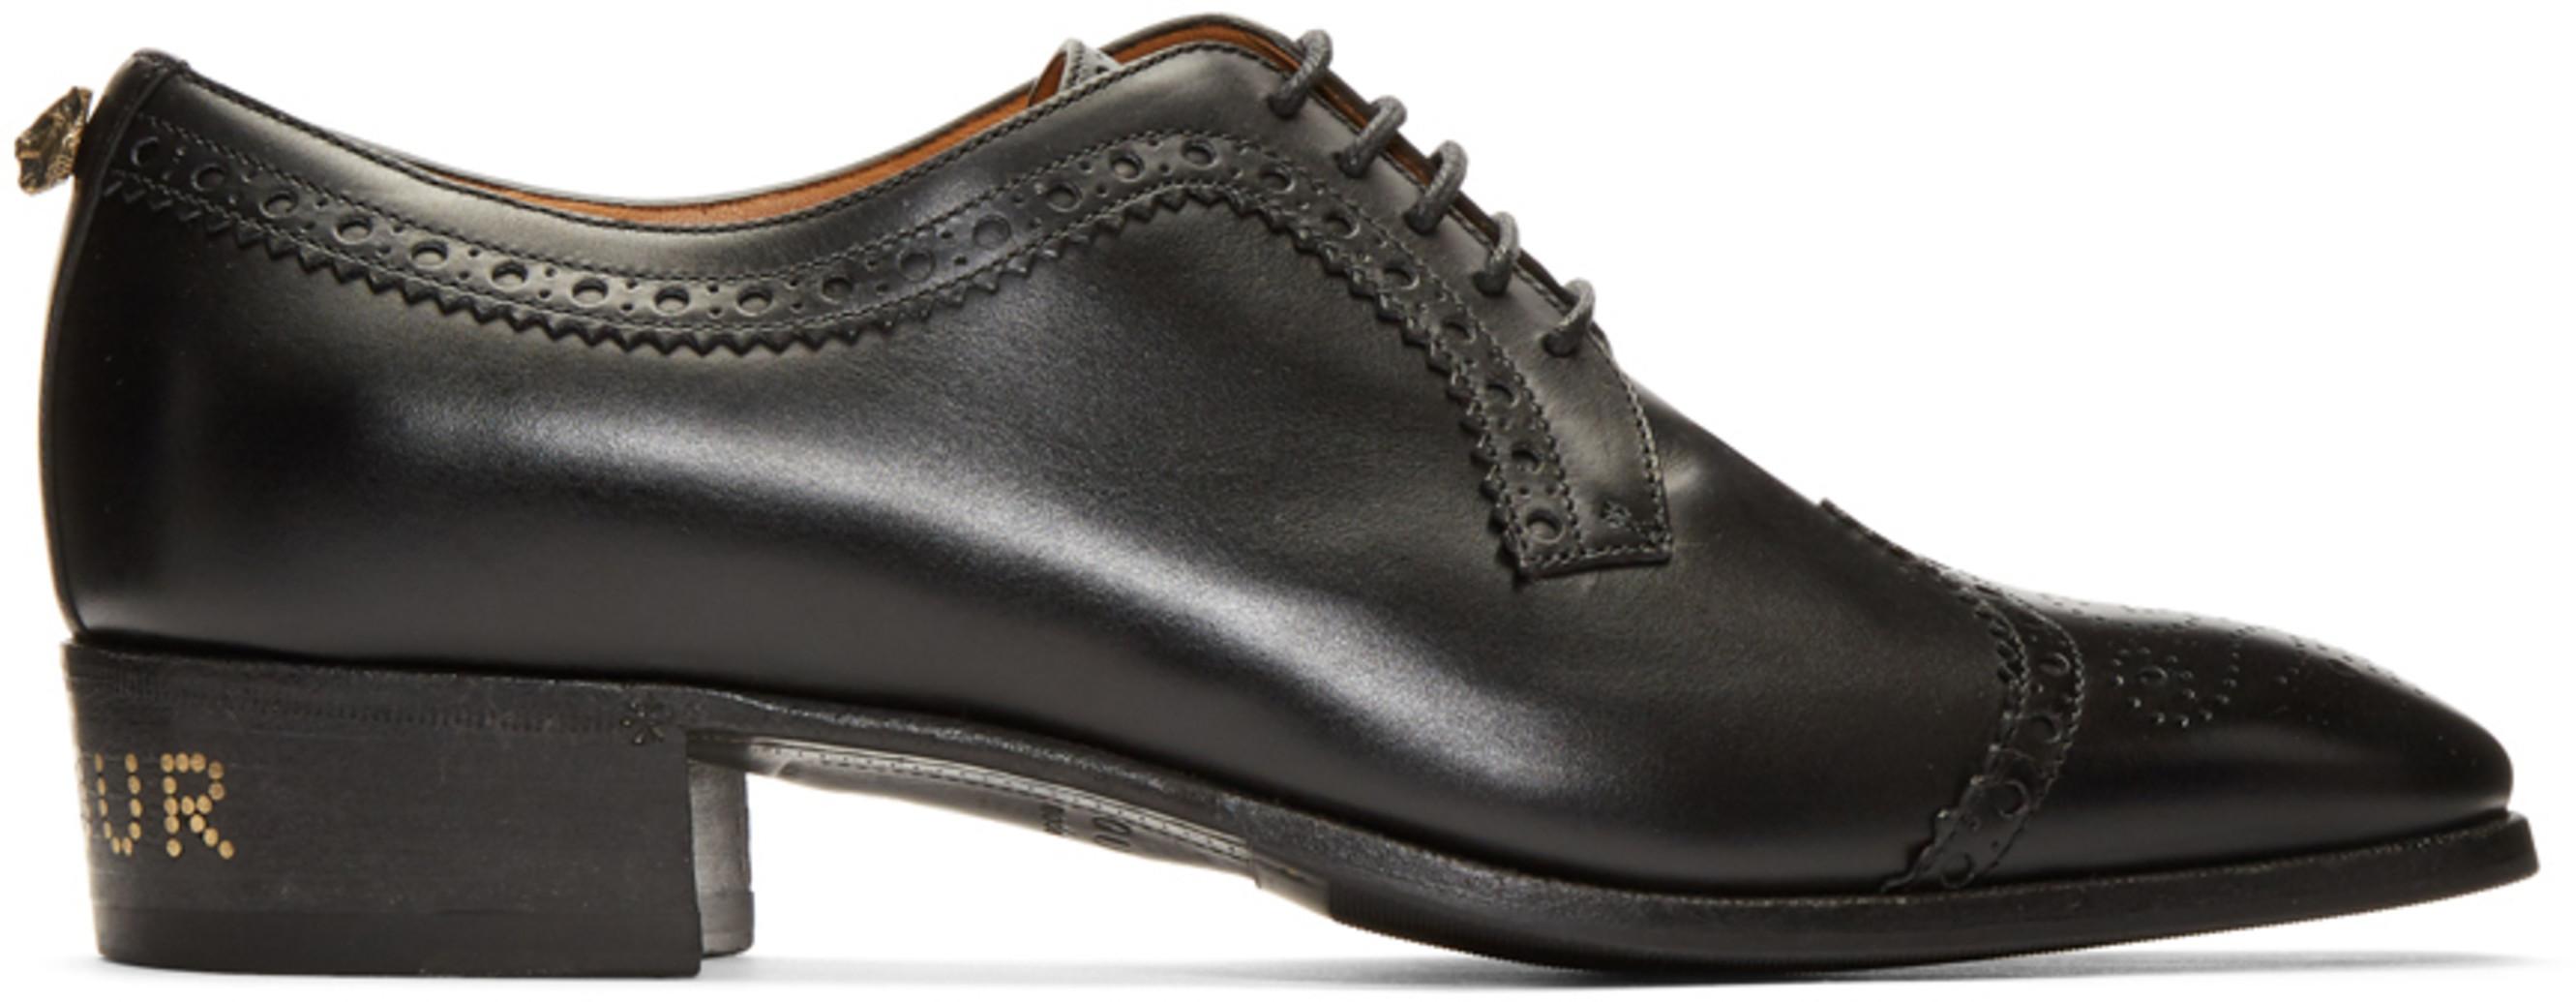 73e871145 Gucci shoes for Men | SSENSE